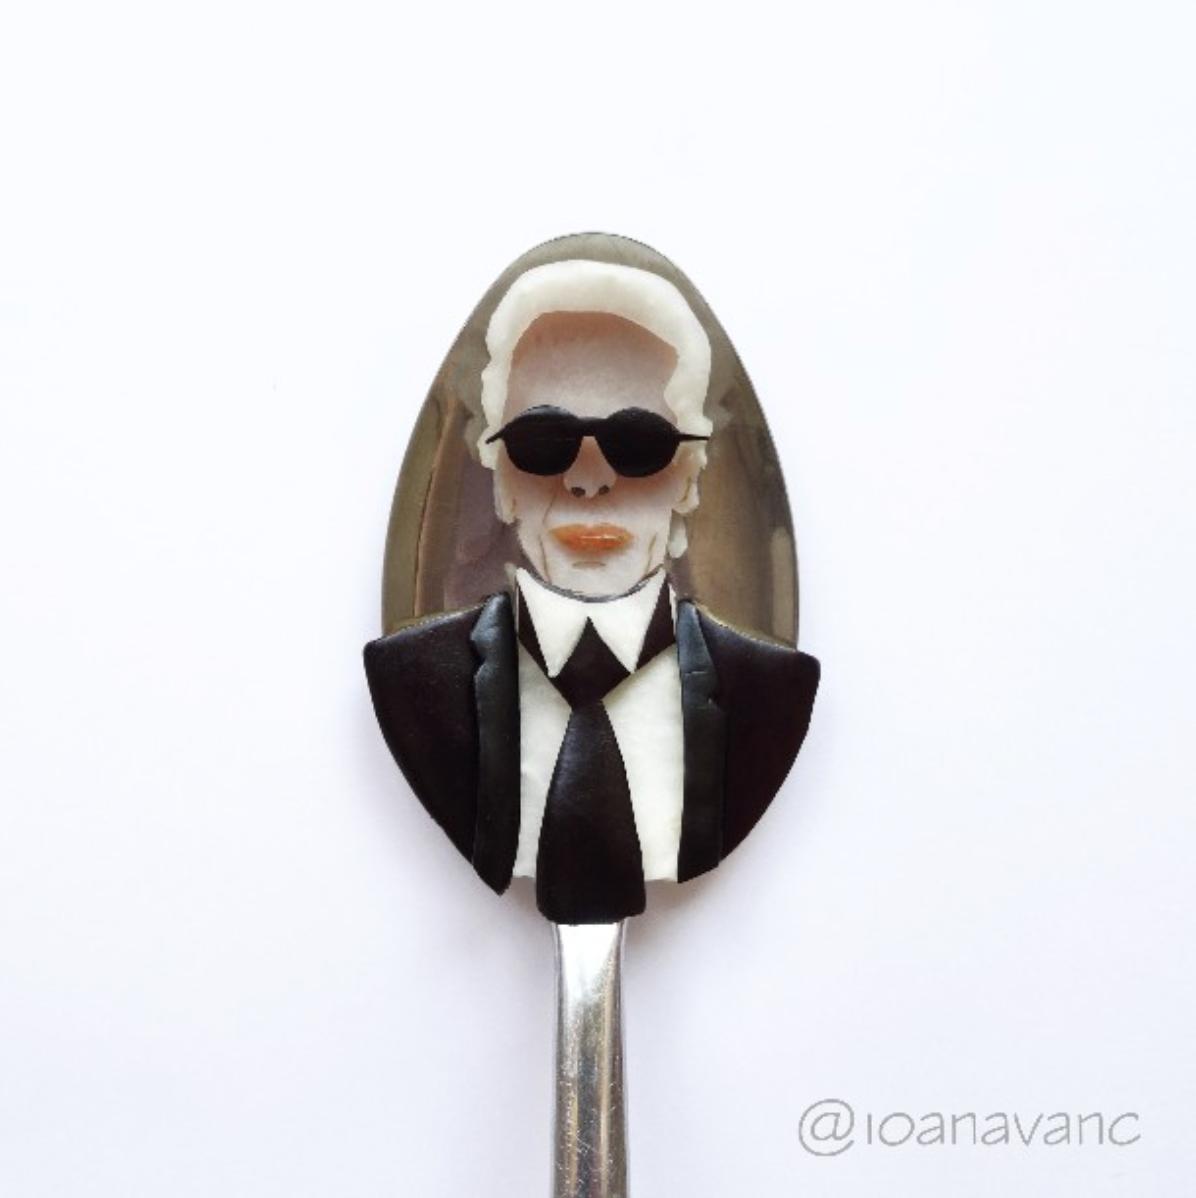 Ioanavanc, le food art dans une cuillère